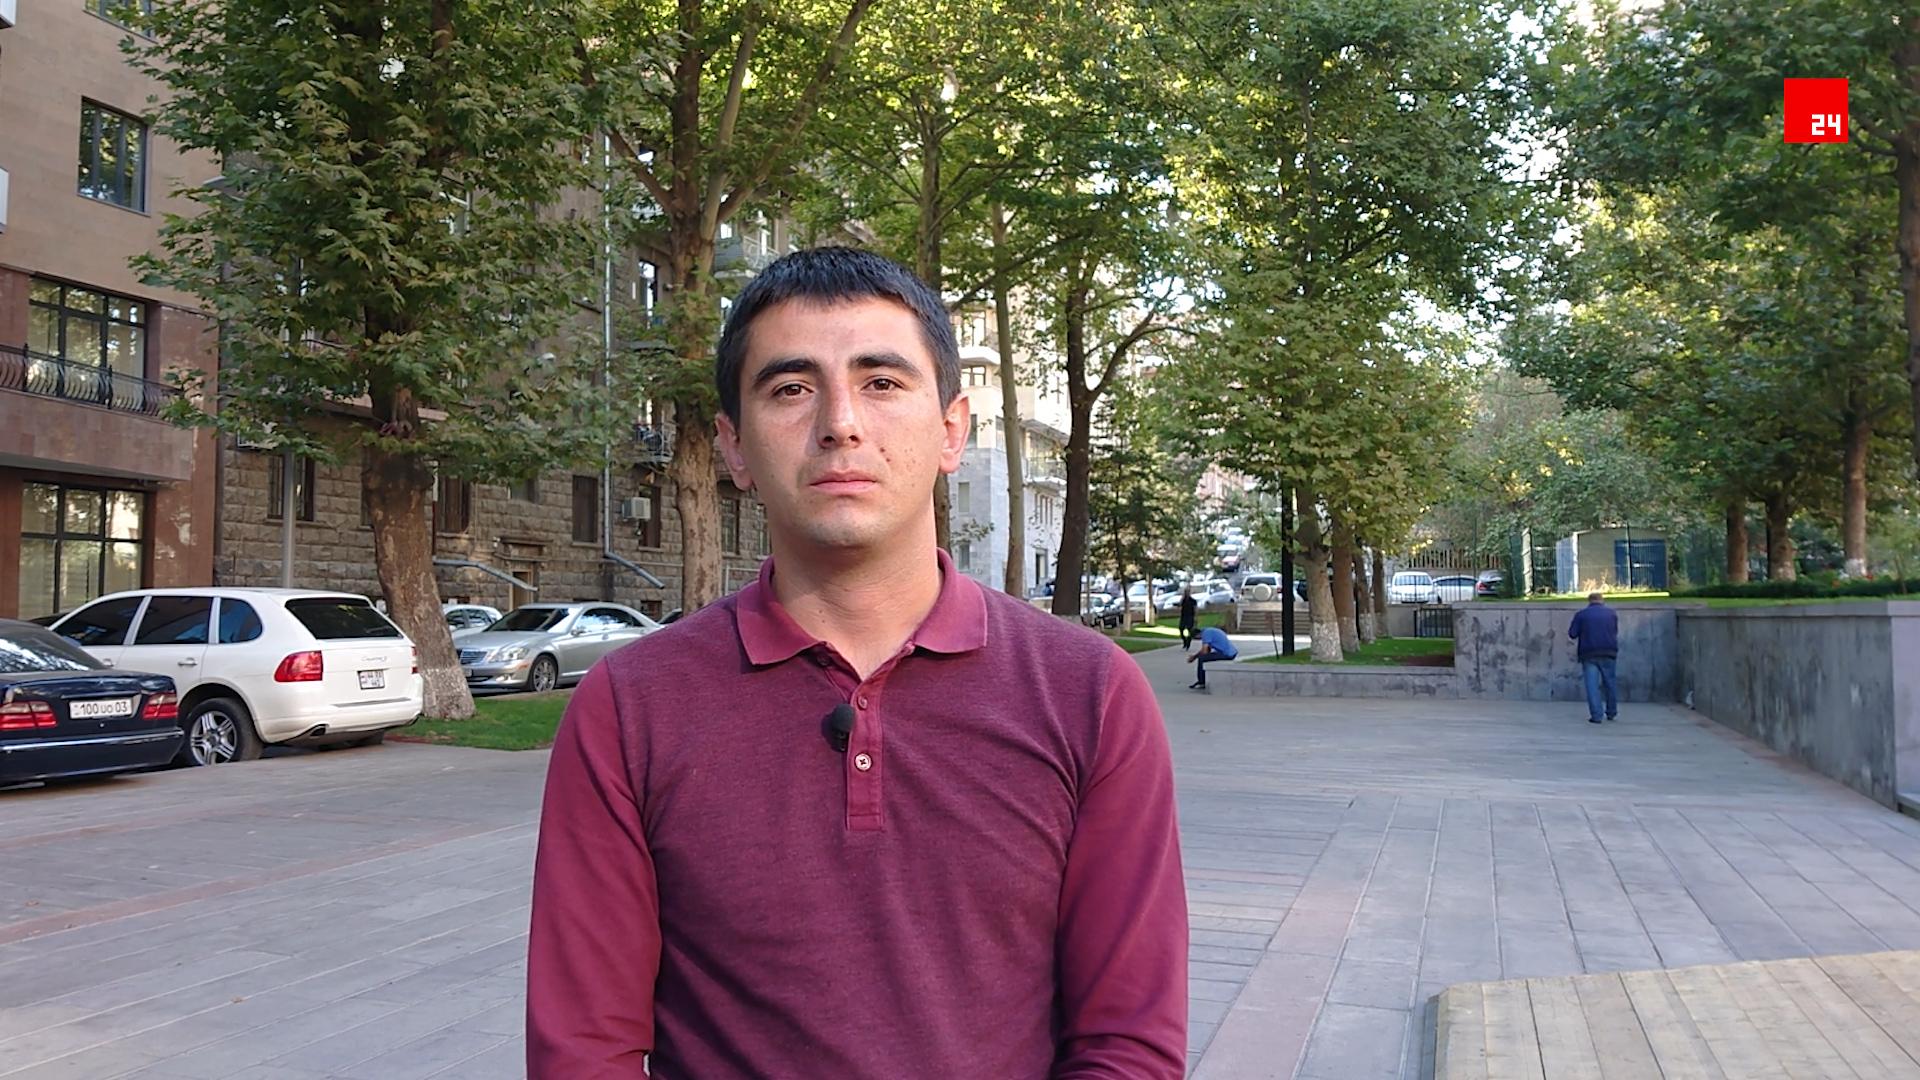 Պանդուխտ Մարտիրոսյան․ քայլ-քայլ մոտենում ենք որակյալ տնտեսական աճի